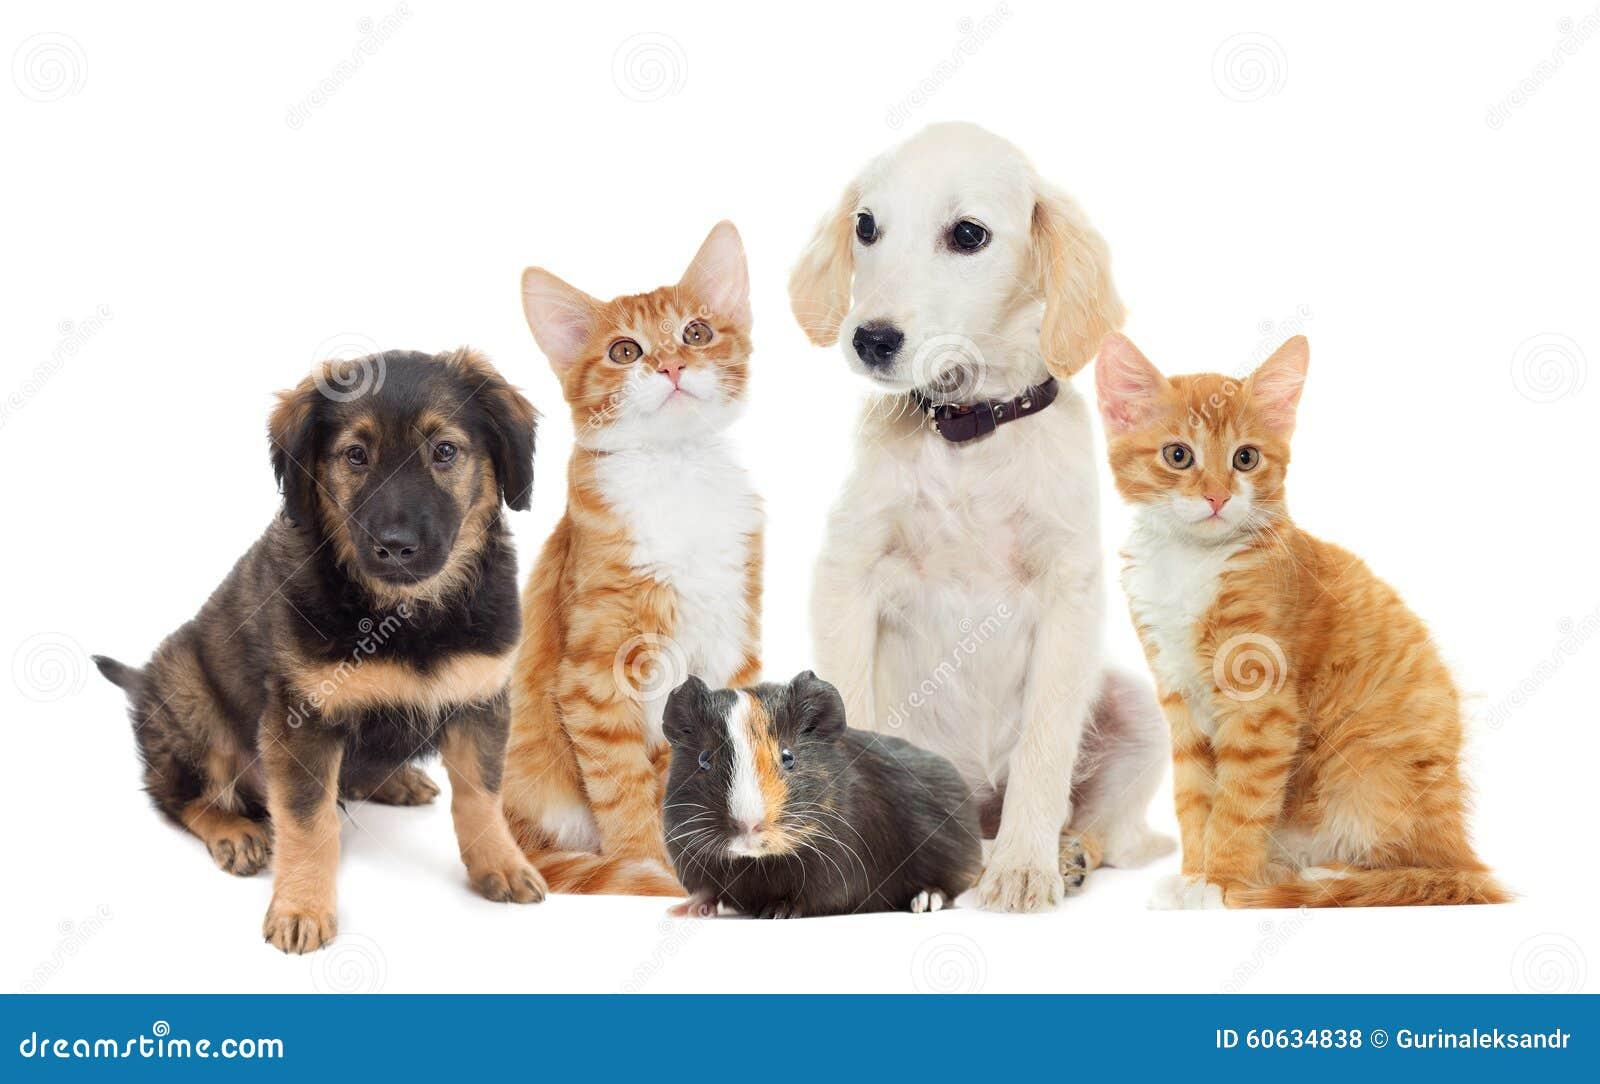 Ställ in husdjur